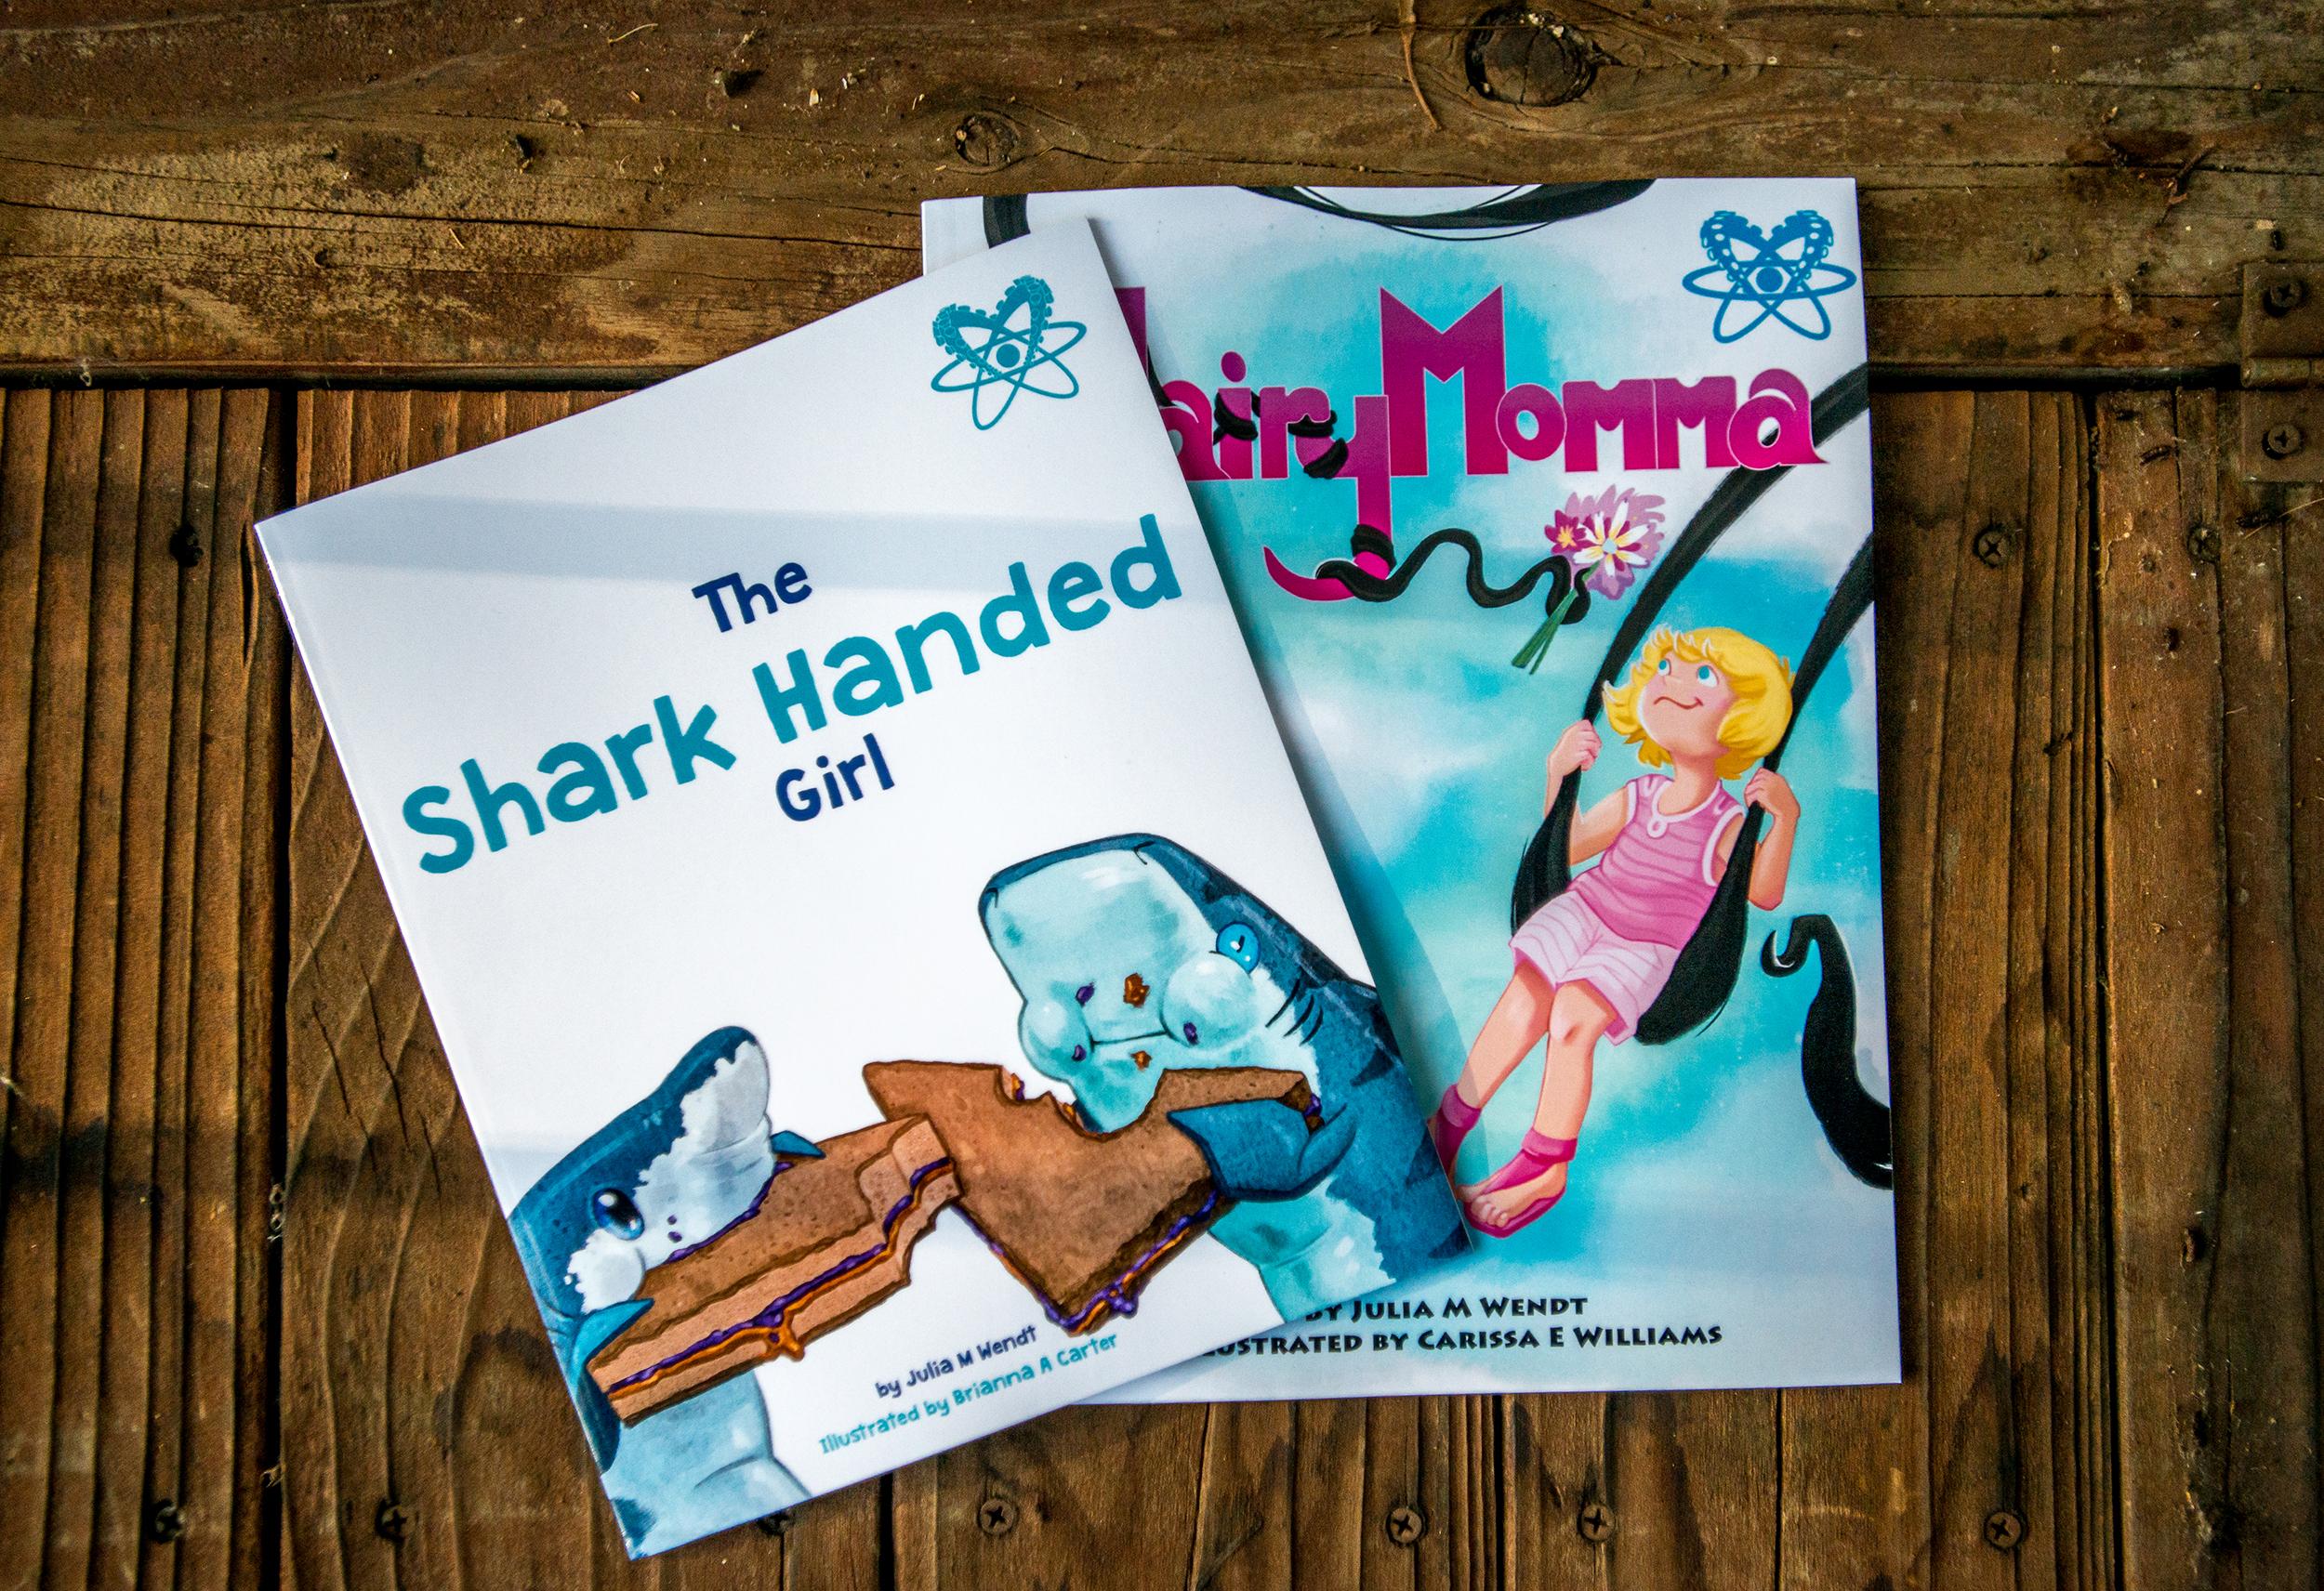 Hark handed girl and hairy momma-1.jpg